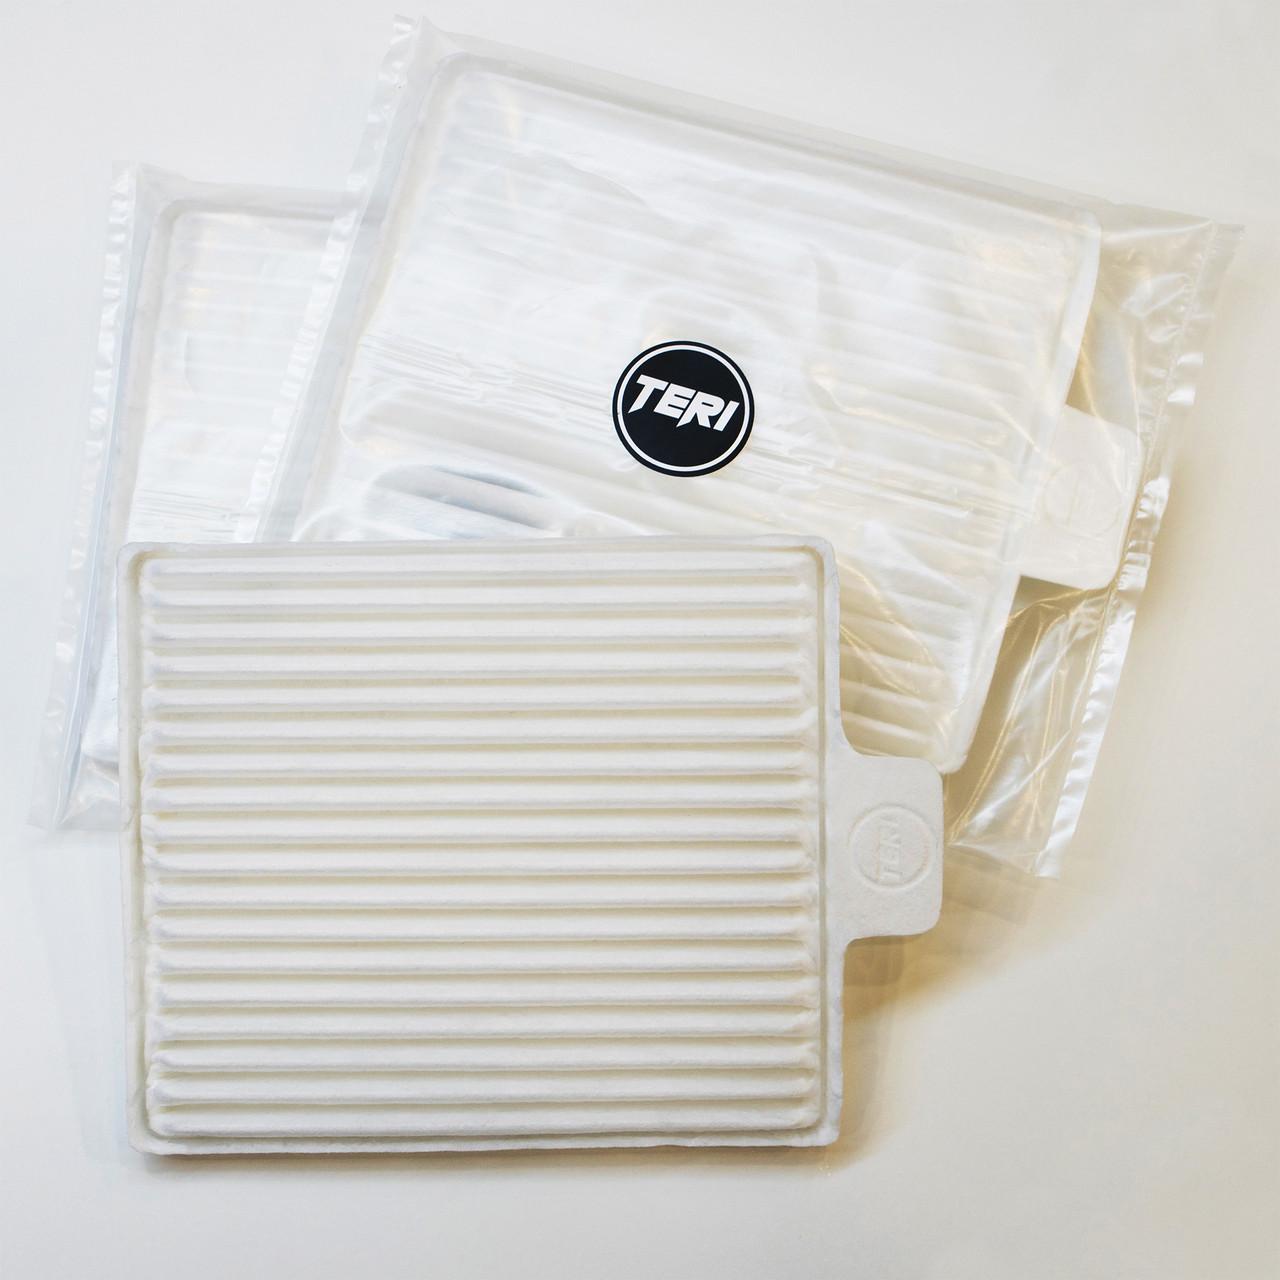 HEPA фильтры для встраиваемой маникюрной вытяжки Teri 500/Turbo (комплект 5шт)